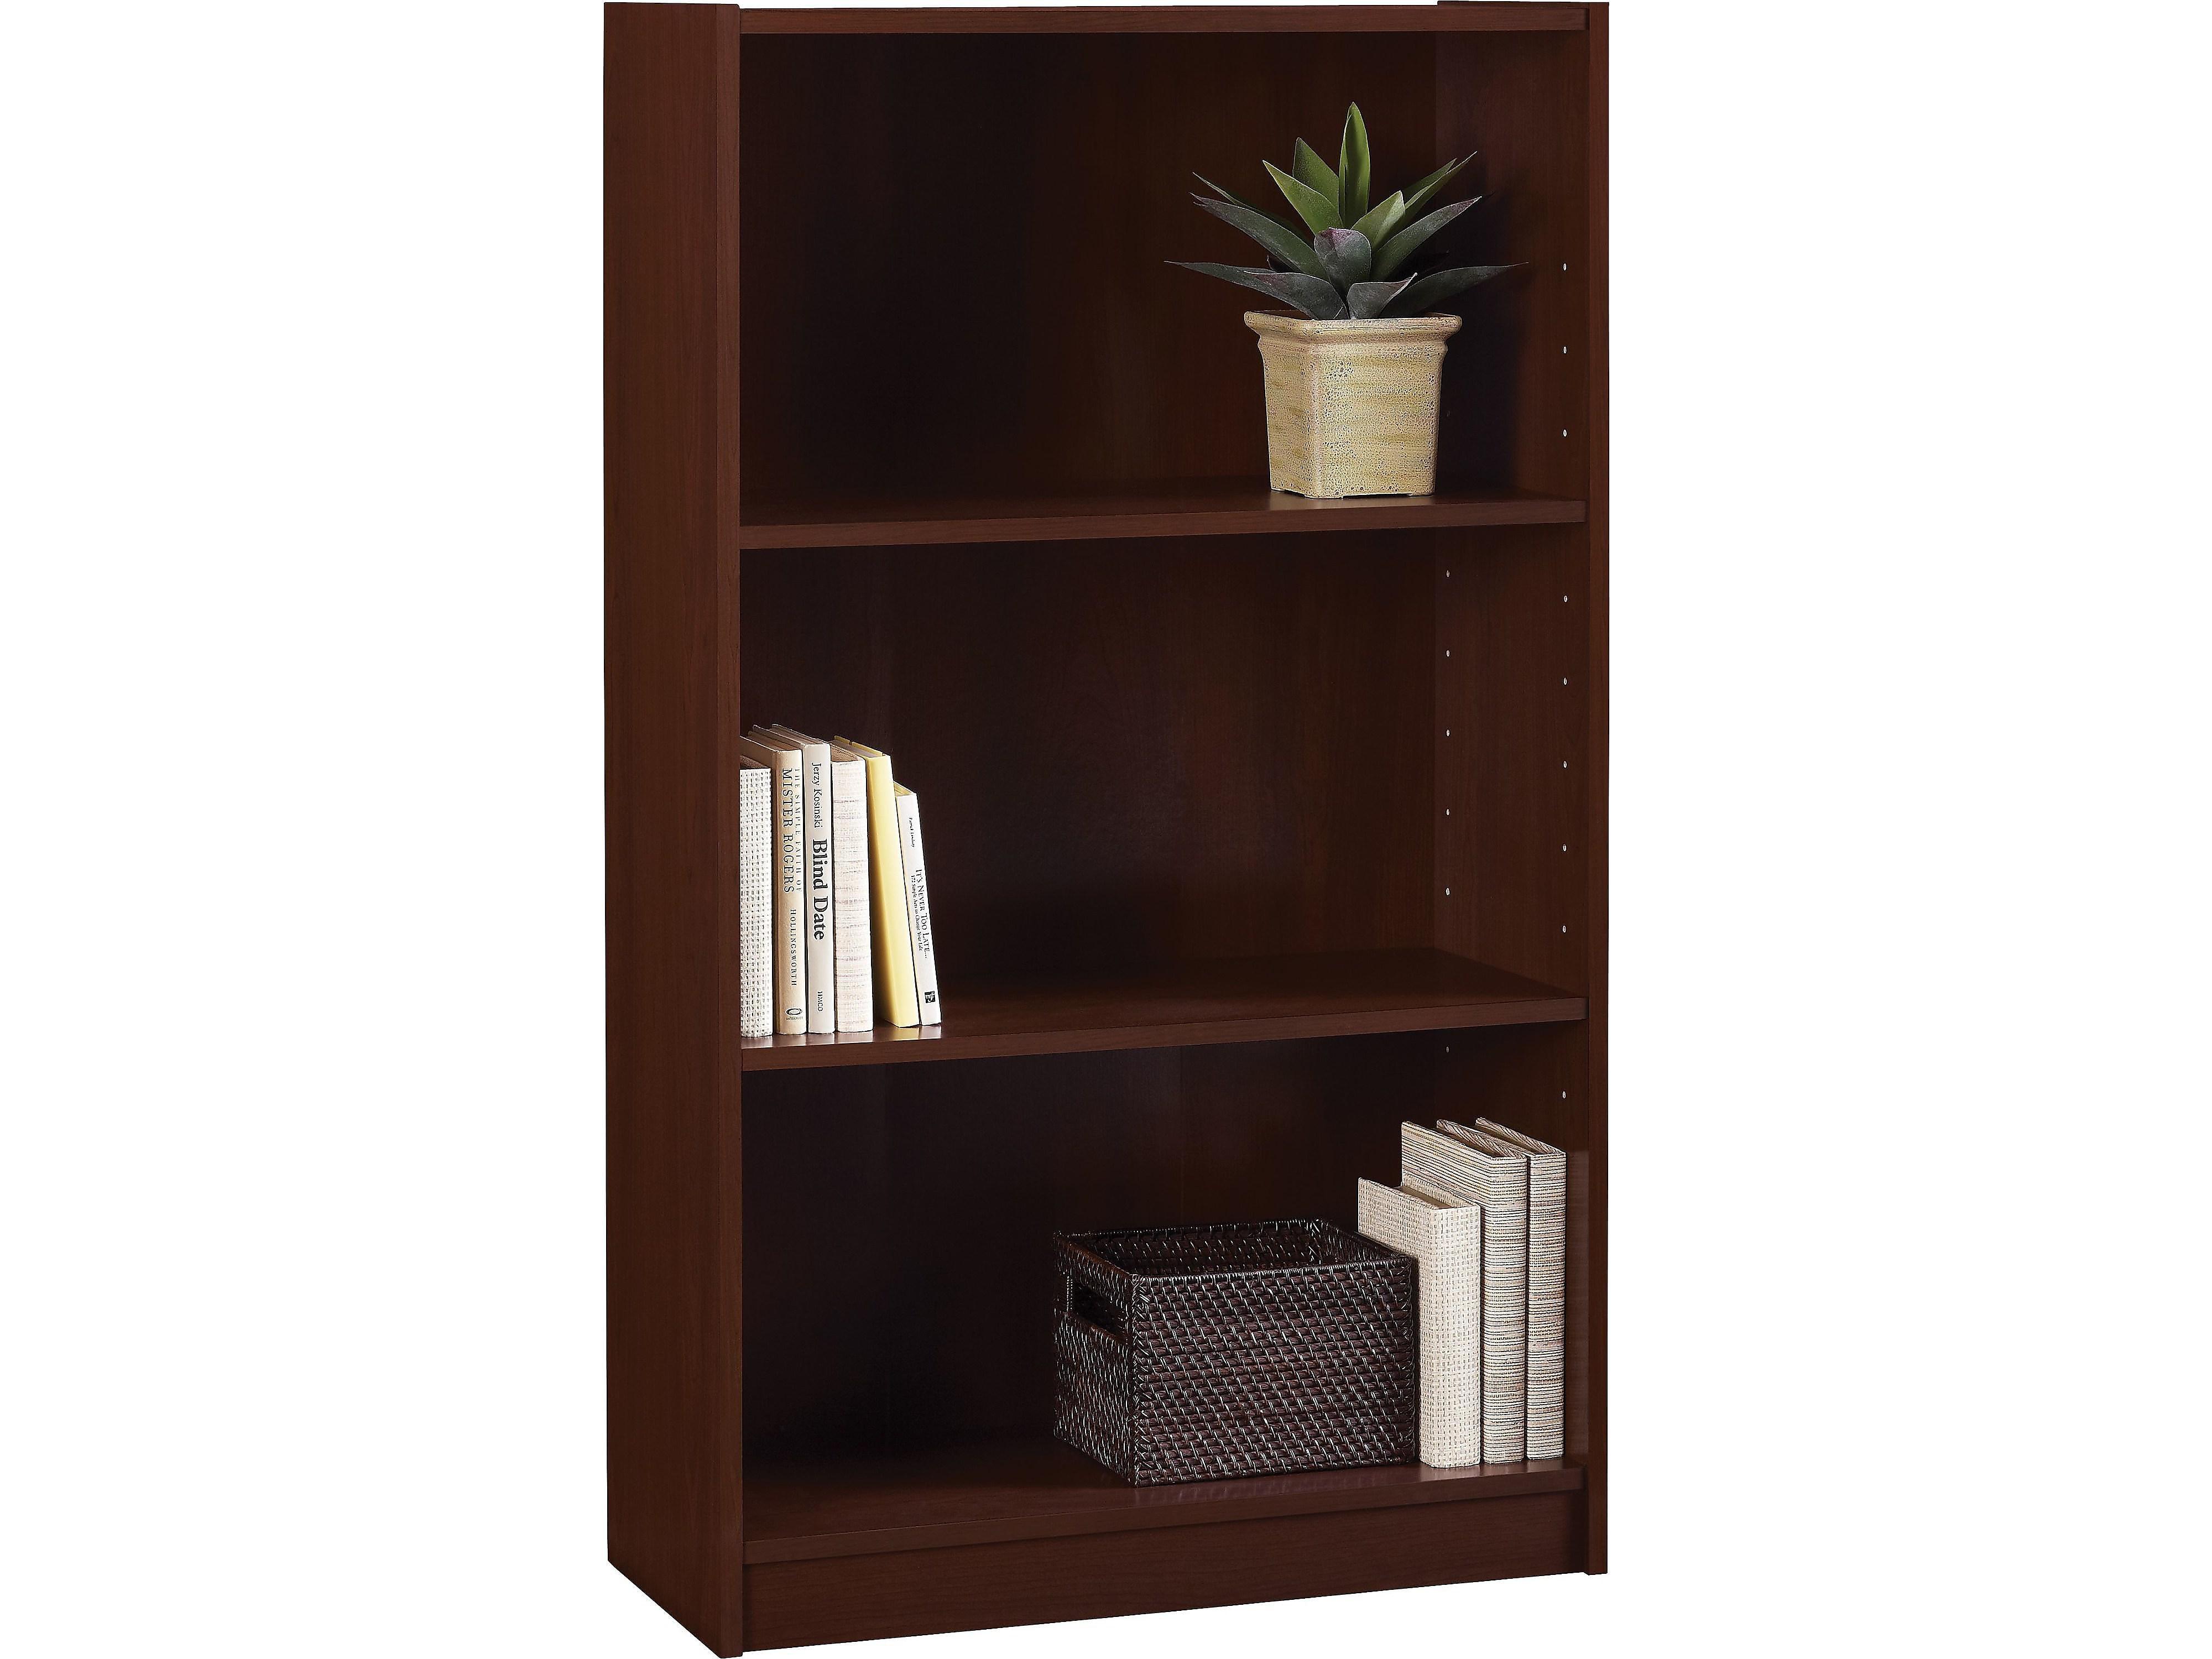 Ameriwood Hayden 3 Shelf Standard Bookcase Cherry 9614016p 952809 Walmart Com Walmart Com